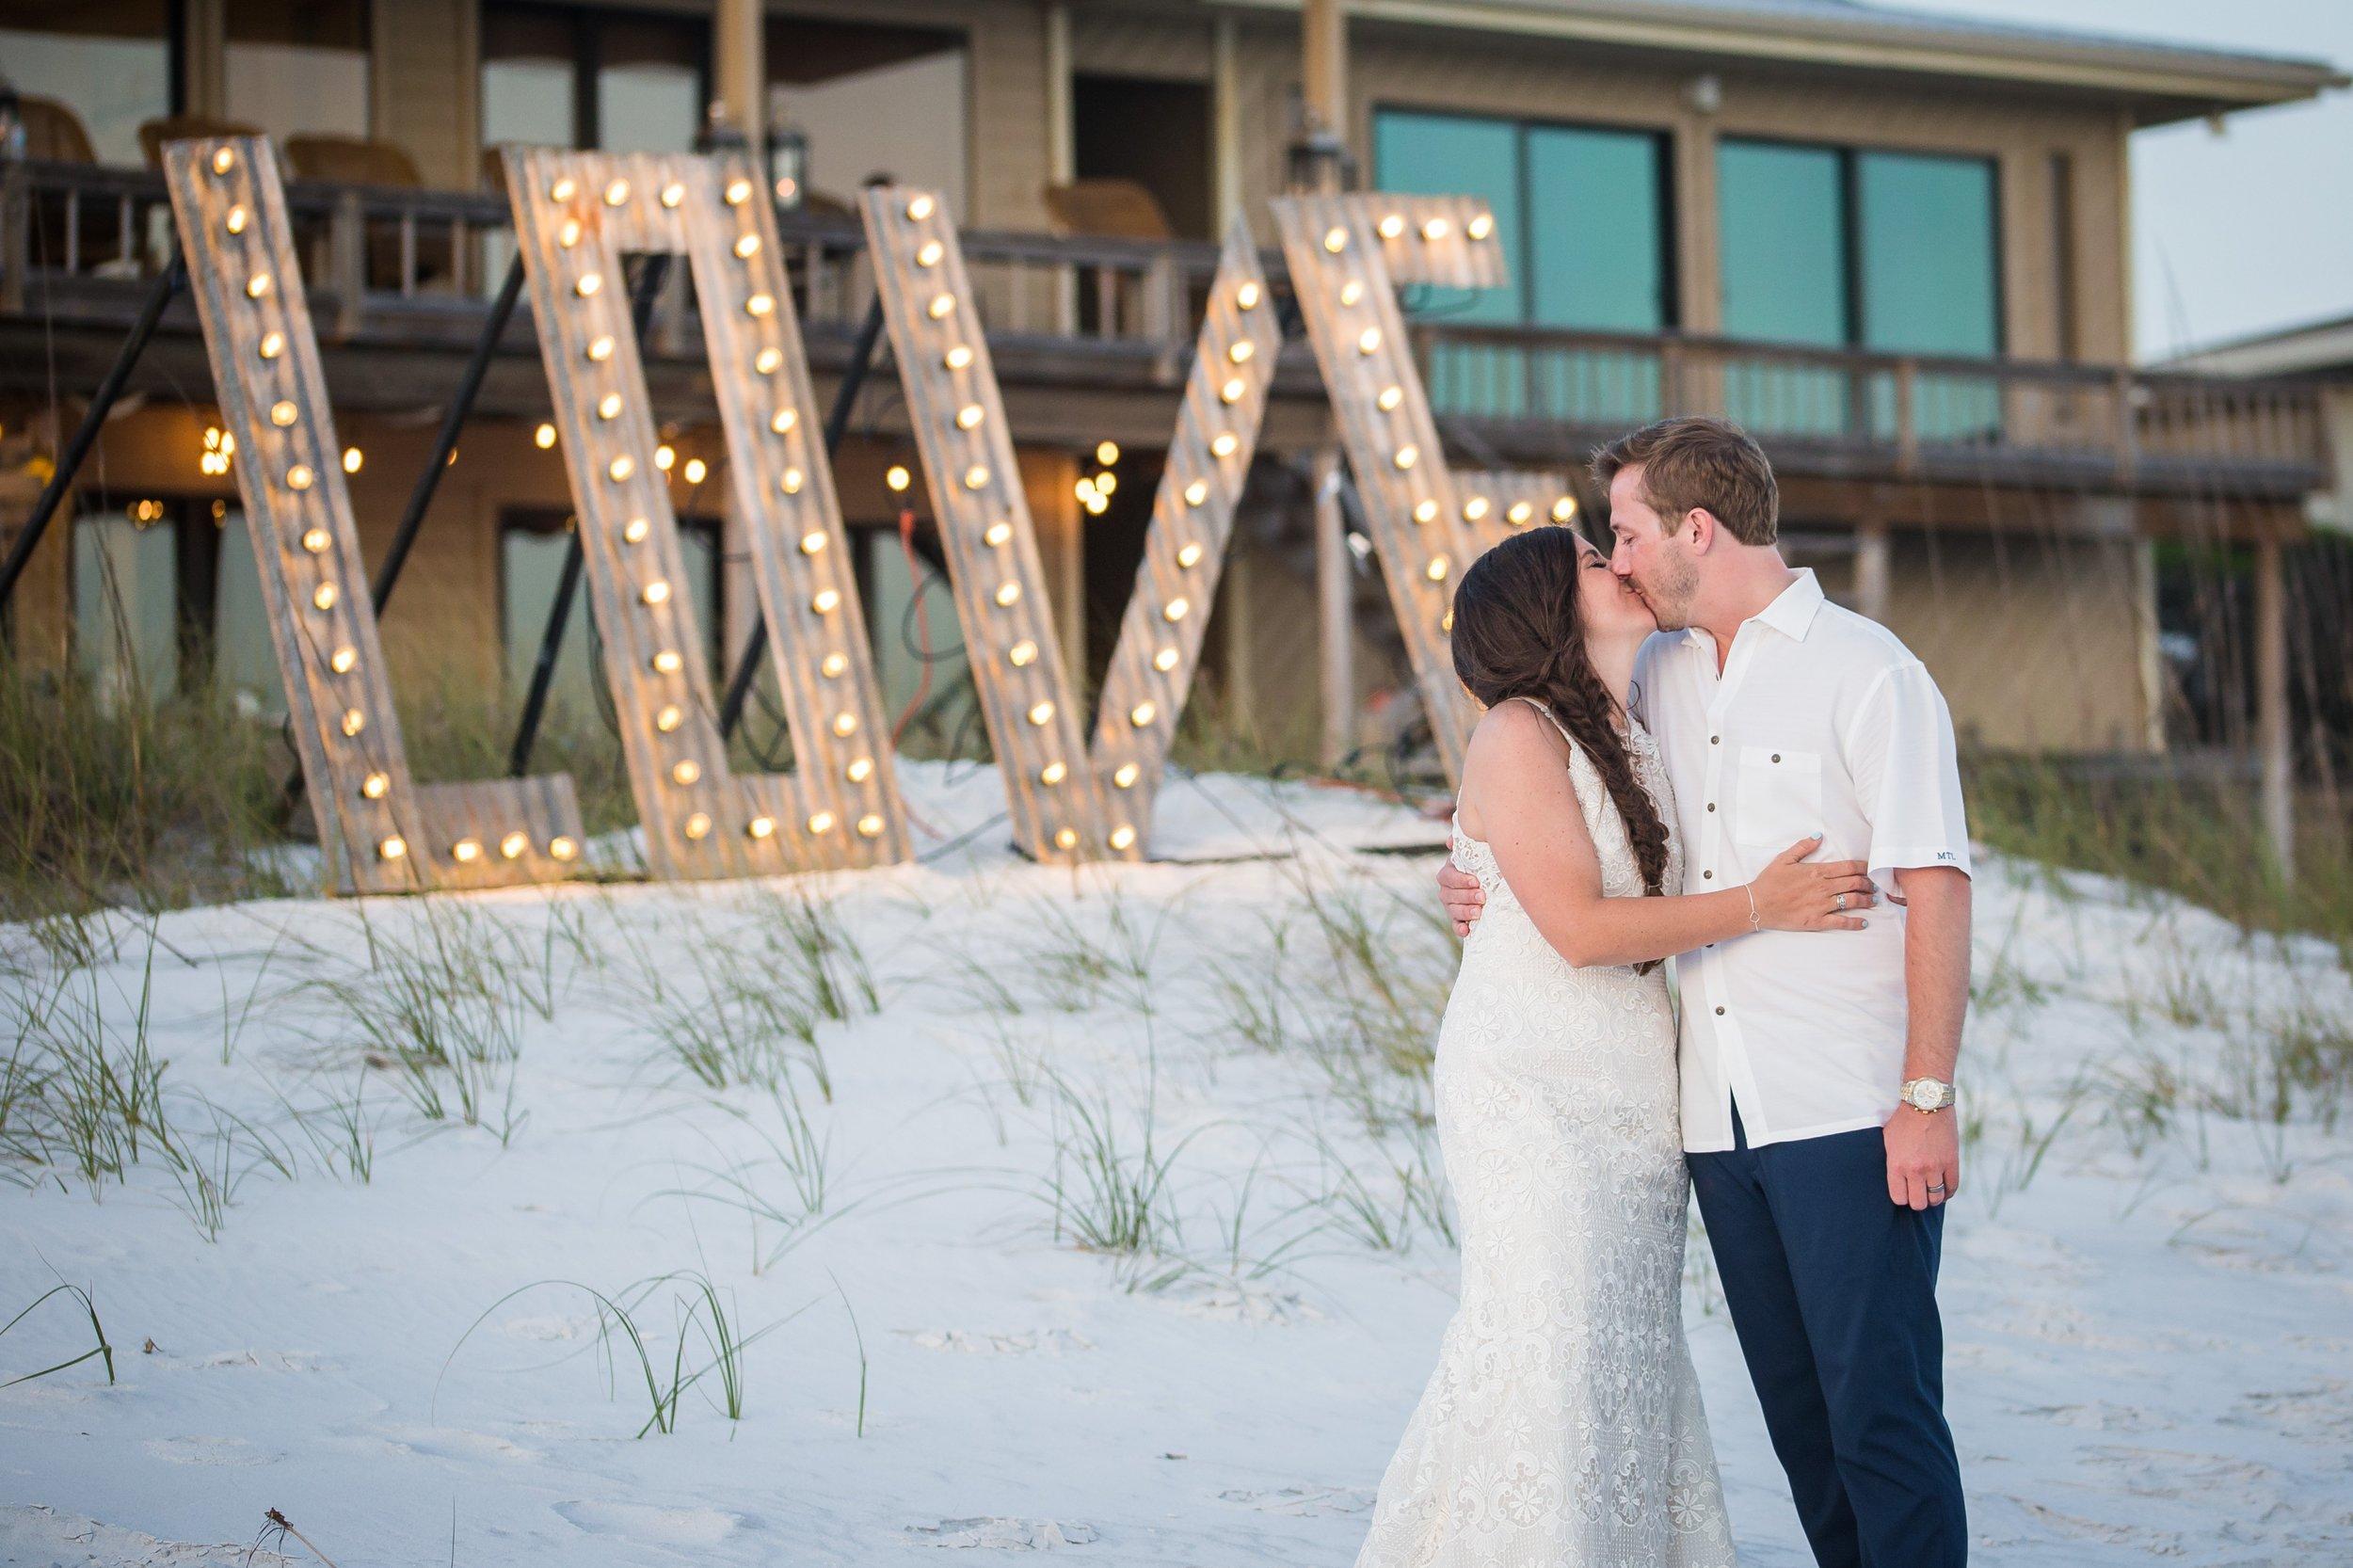 30a-Destin-Florida-Wedding-Photography-Caydee-Matt_0118.jpg